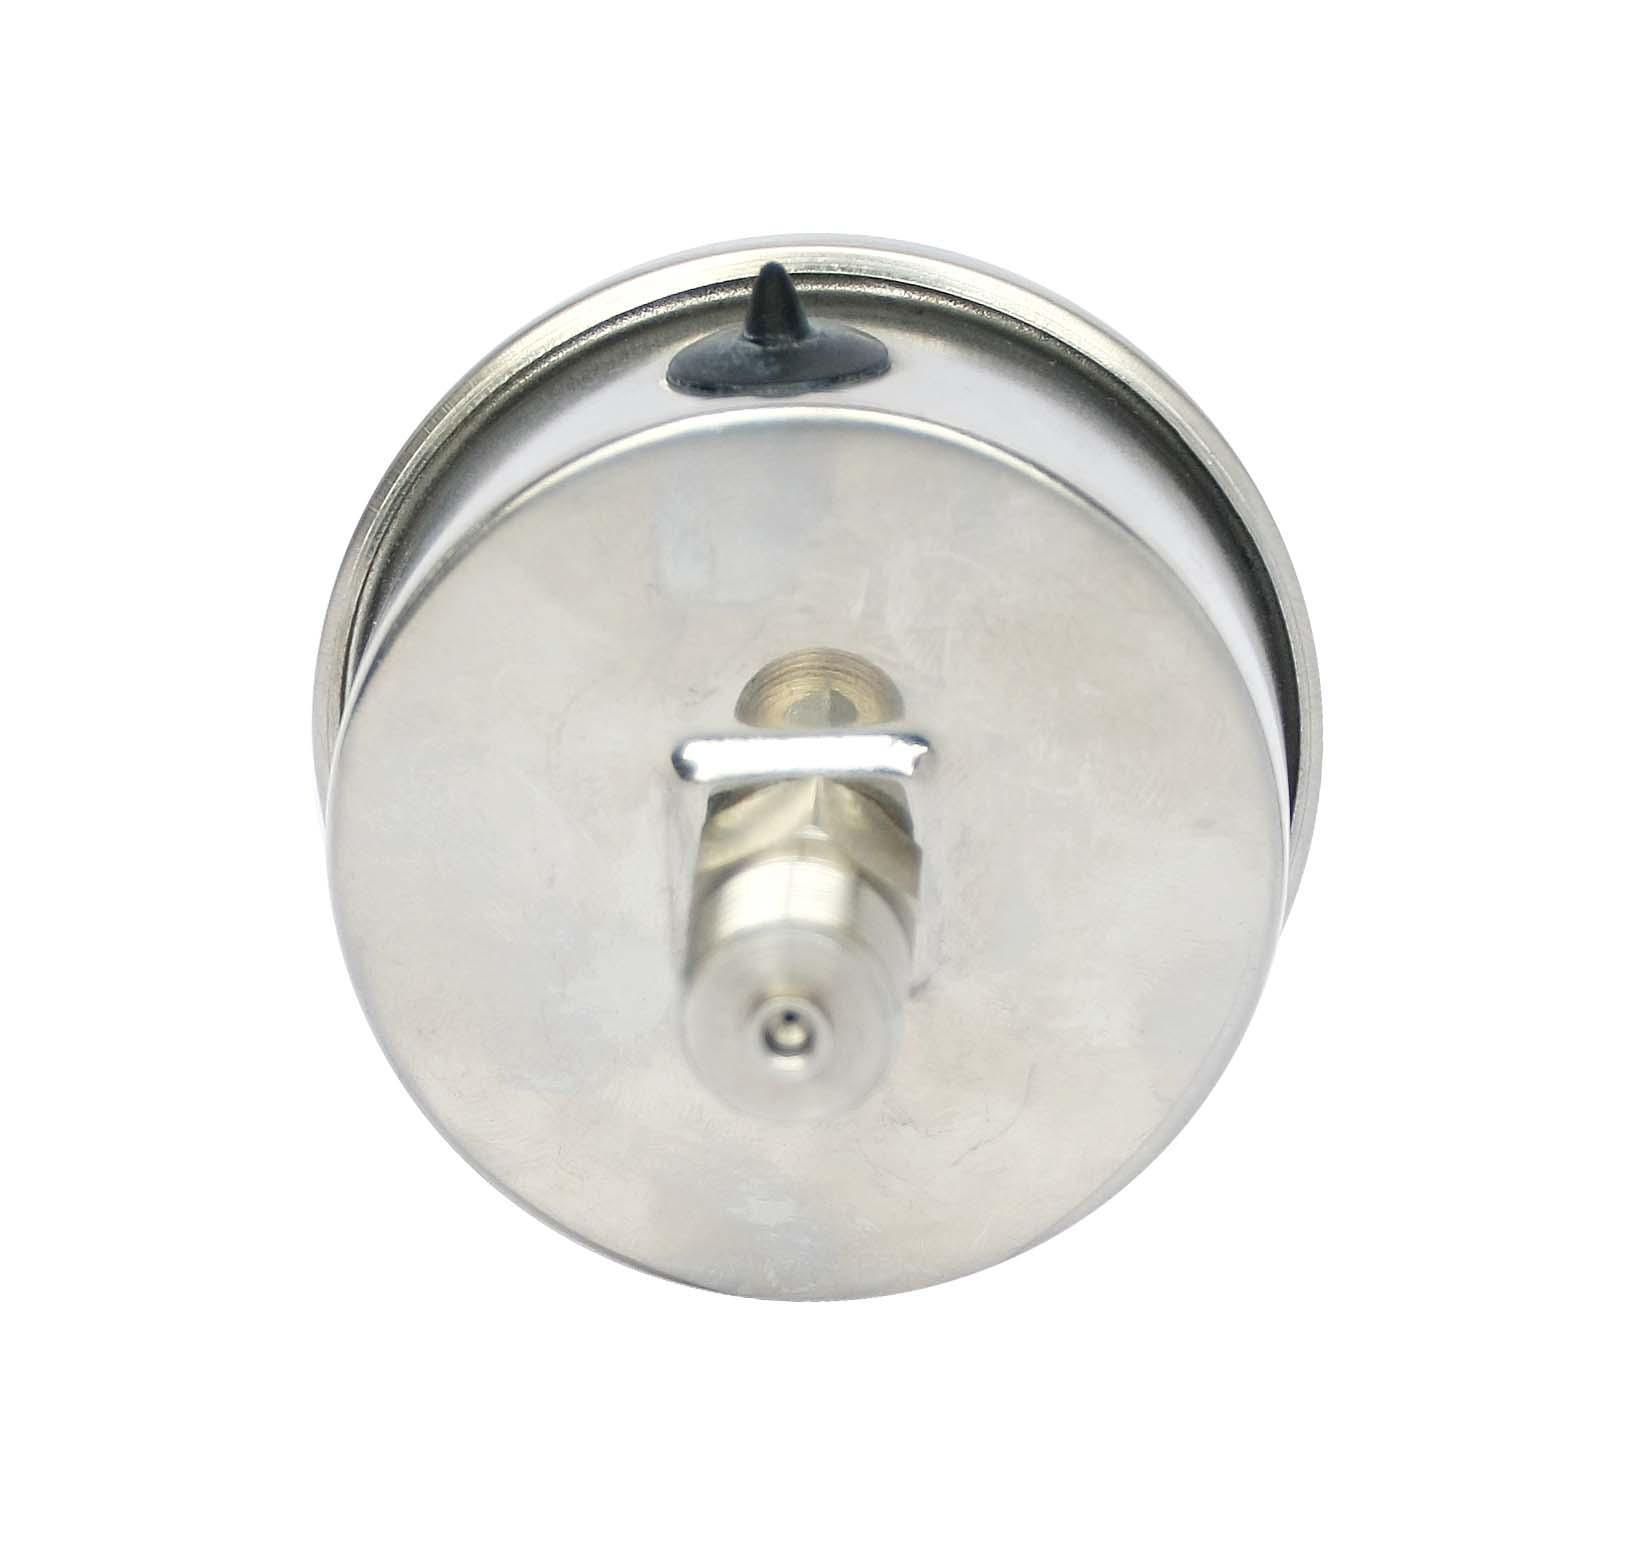 不鏽鋼壓力表 不鏽鋼真空壓力表 不鏽鋼彈簧管壓力表 10